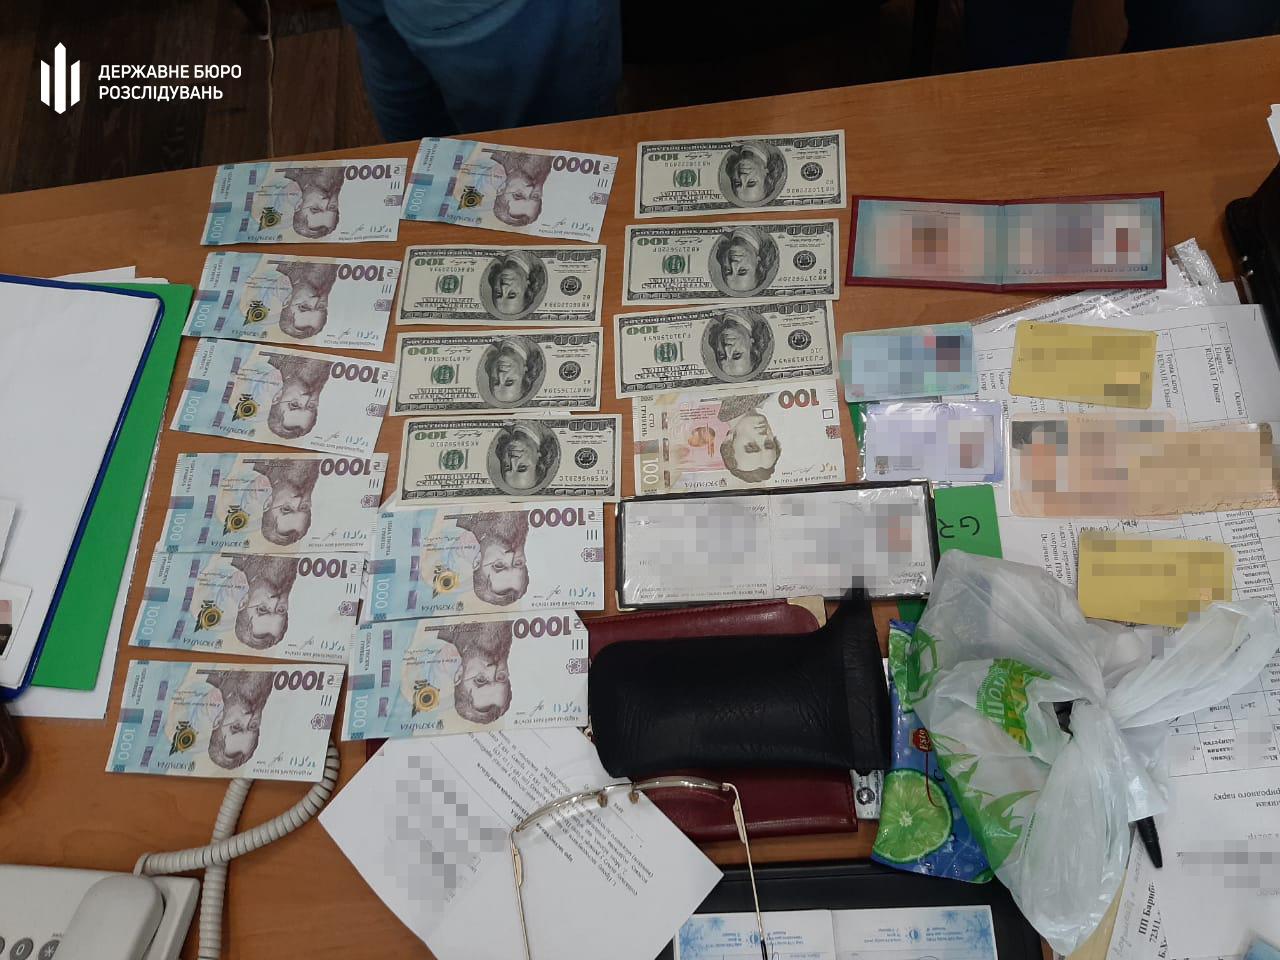 Чиновник систематически получал деньги от туристов - фото: ГБР